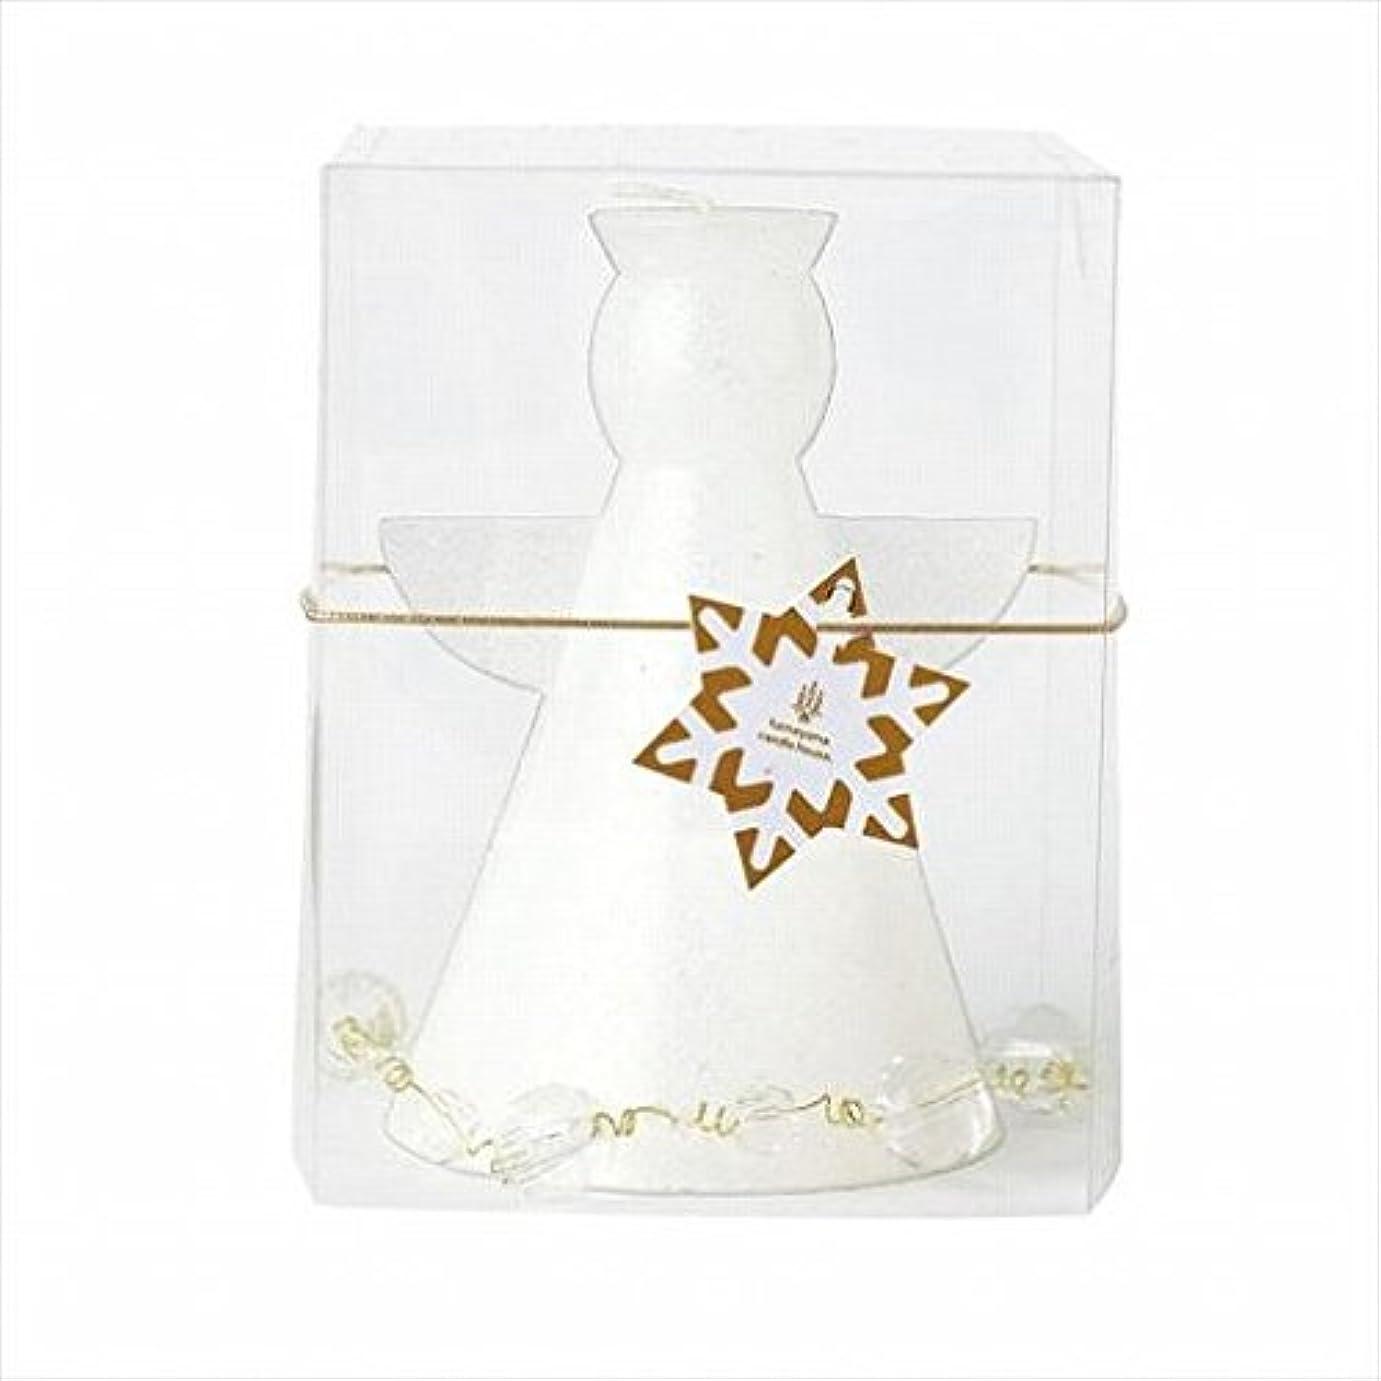 ラッチセーブ賞賛kameyama candle(カメヤマキャンドル) クリスタルアンジェリカ 「 ホワイト 」(A9580000W)